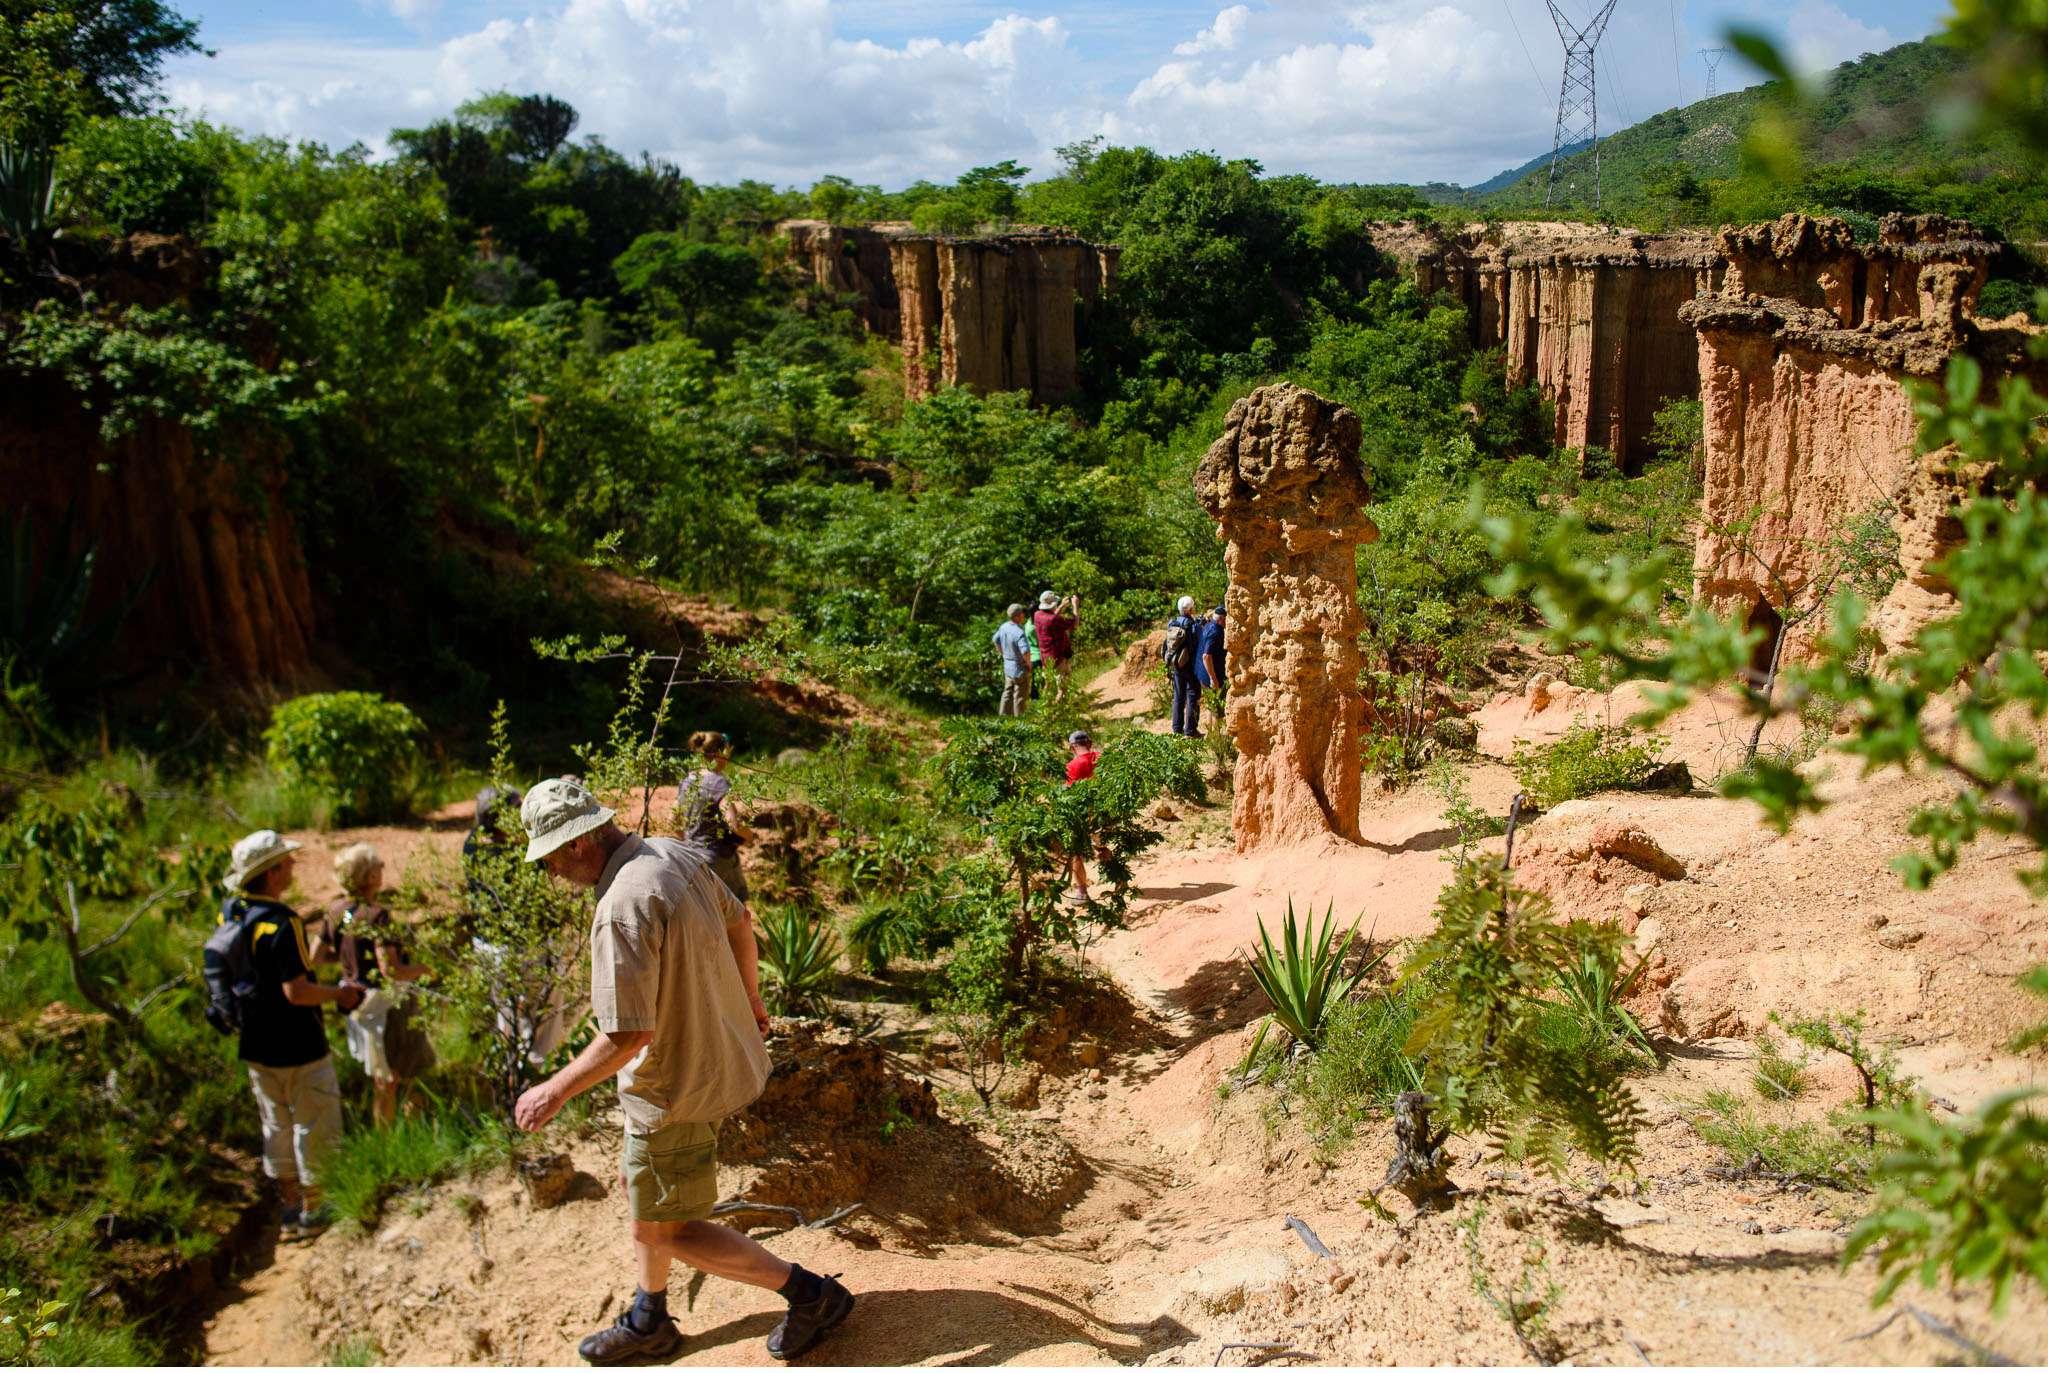 Malawi-Quer durch Afrika- Geschichten von unterwegs by Marion and Daniel-106